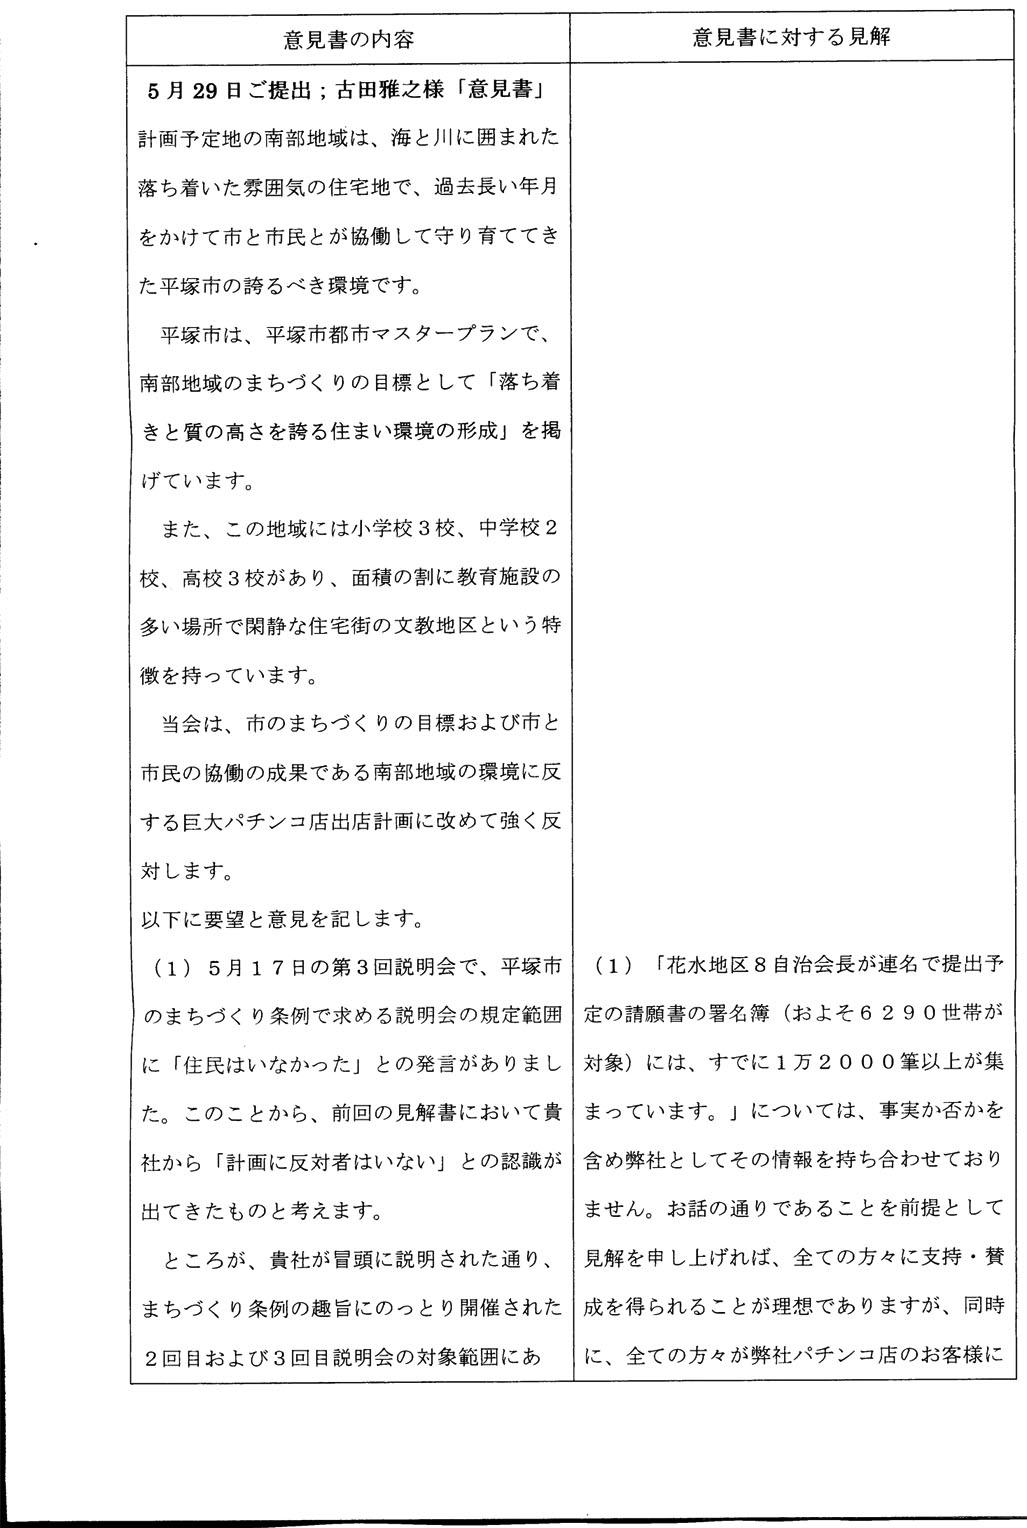 =2009/7/17= ニラクからの見解書 配達証明書付で郵送される_d0034430_1428246.jpg